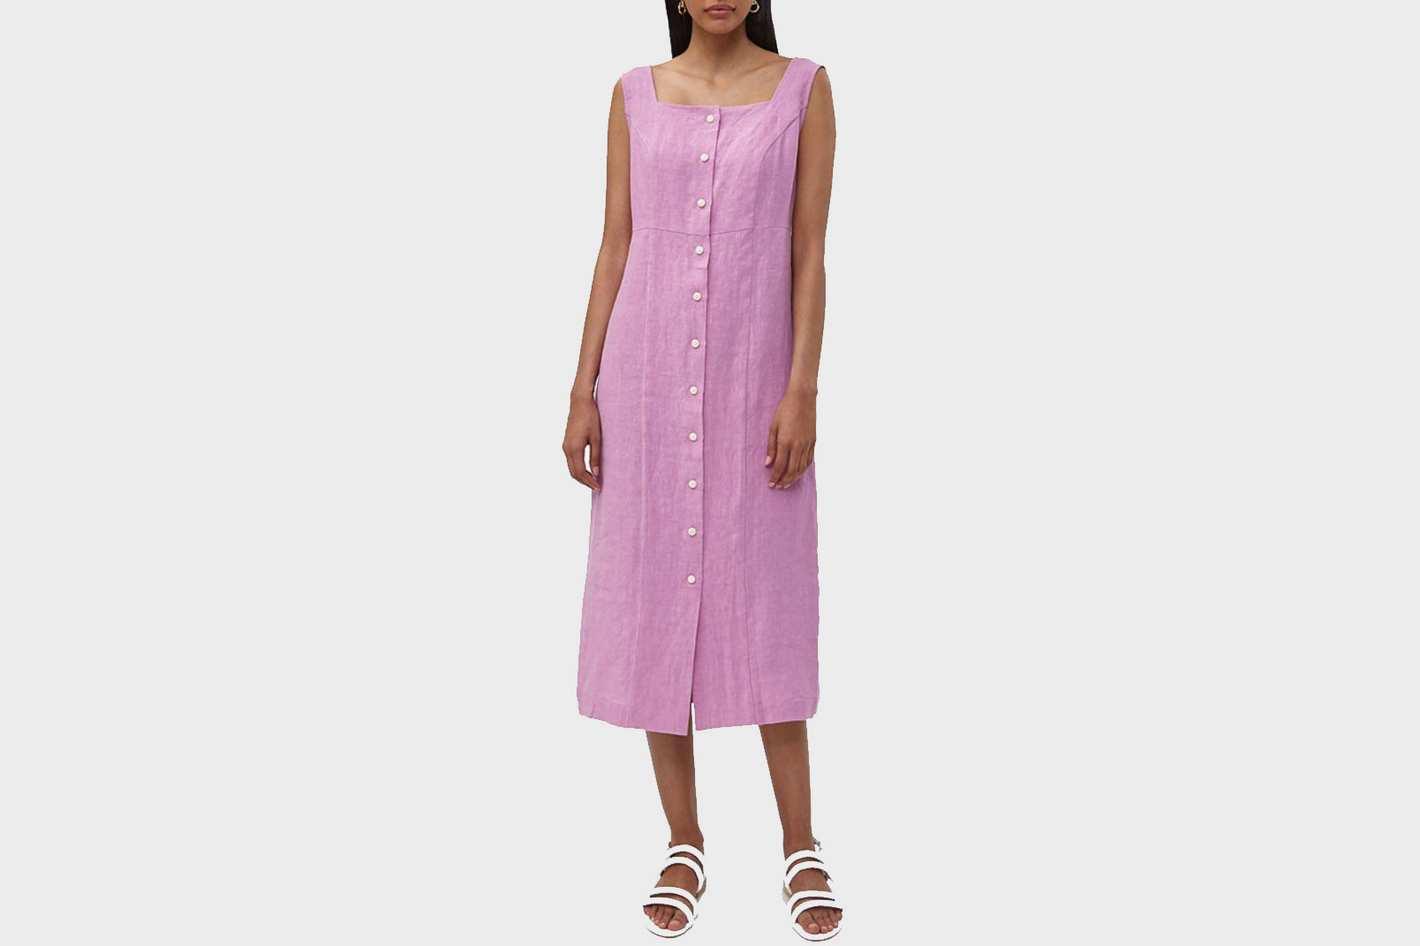 Ilana Kohn Ginny Dress